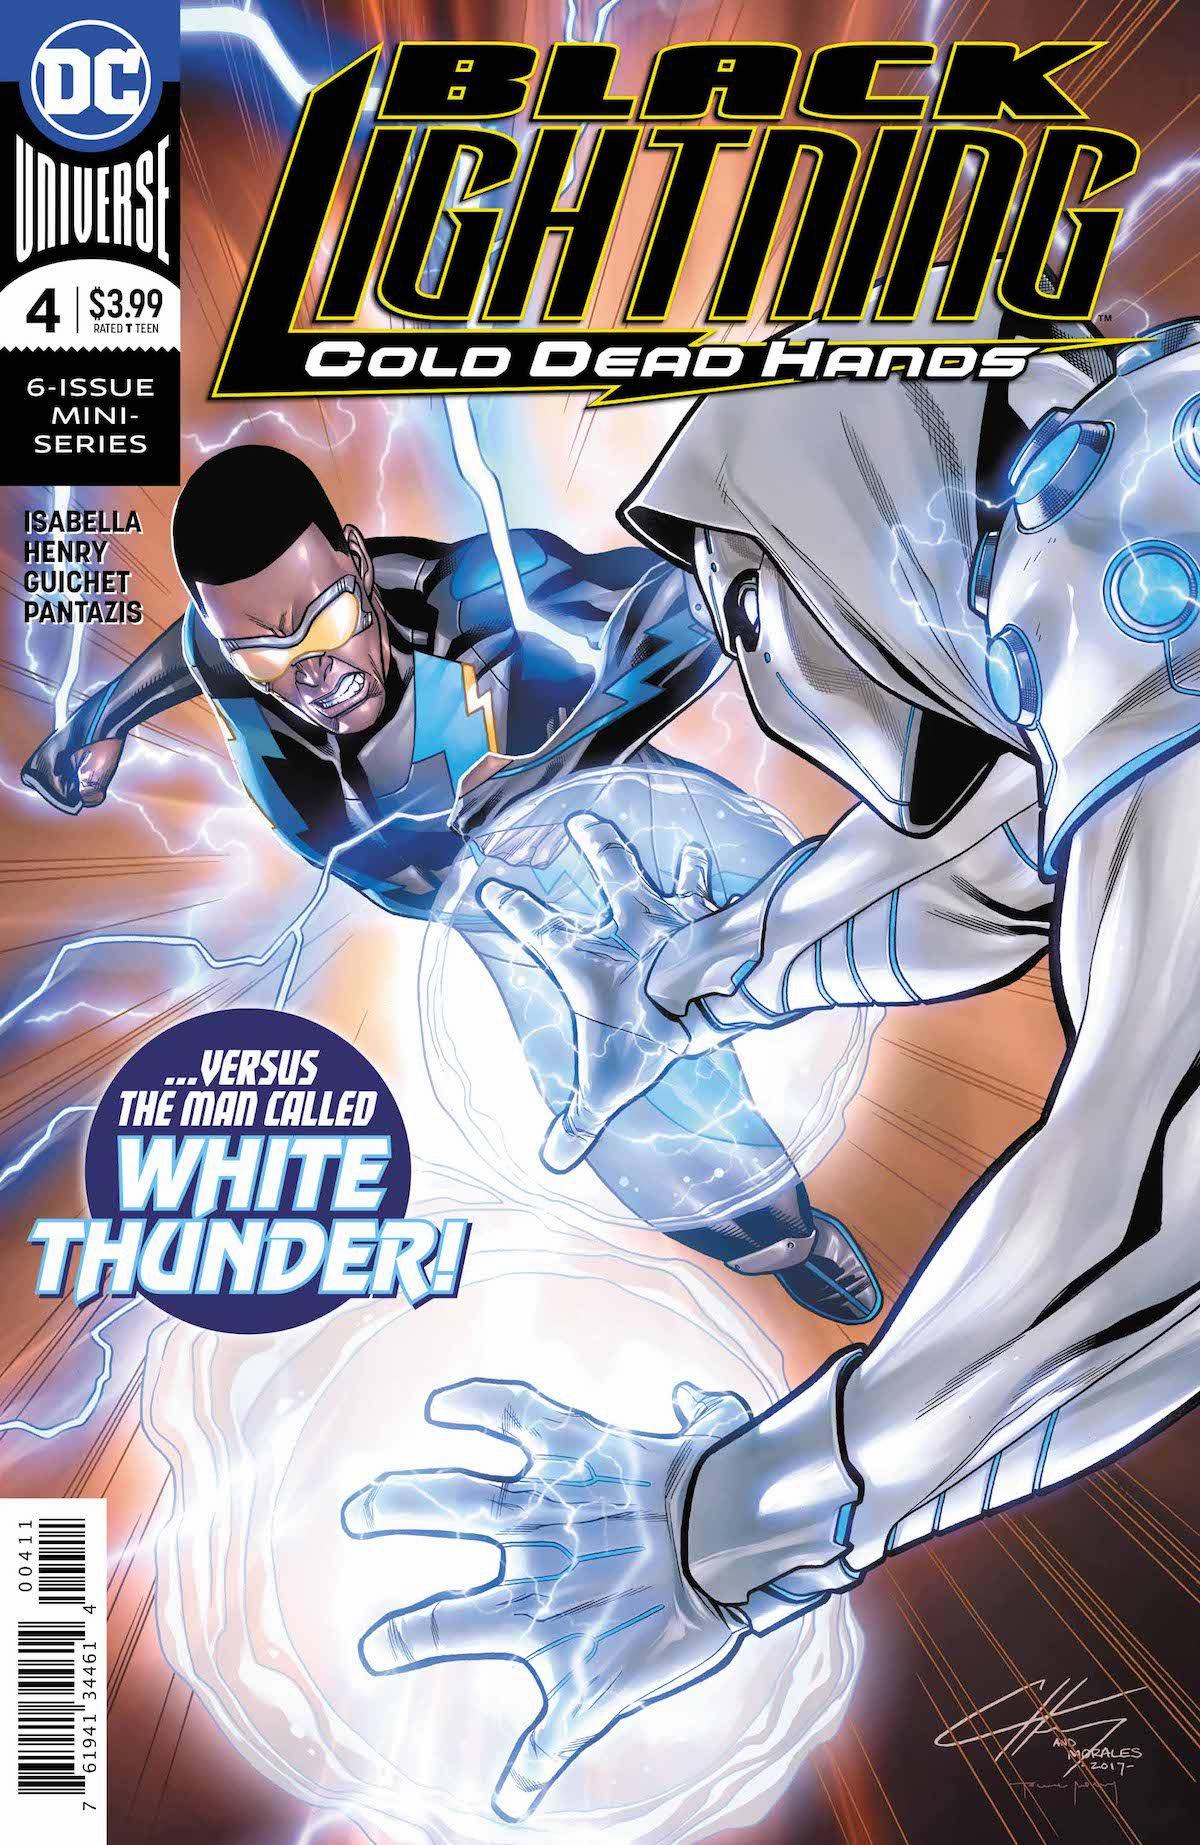 Black Lightning: Cold Dead Hands #4